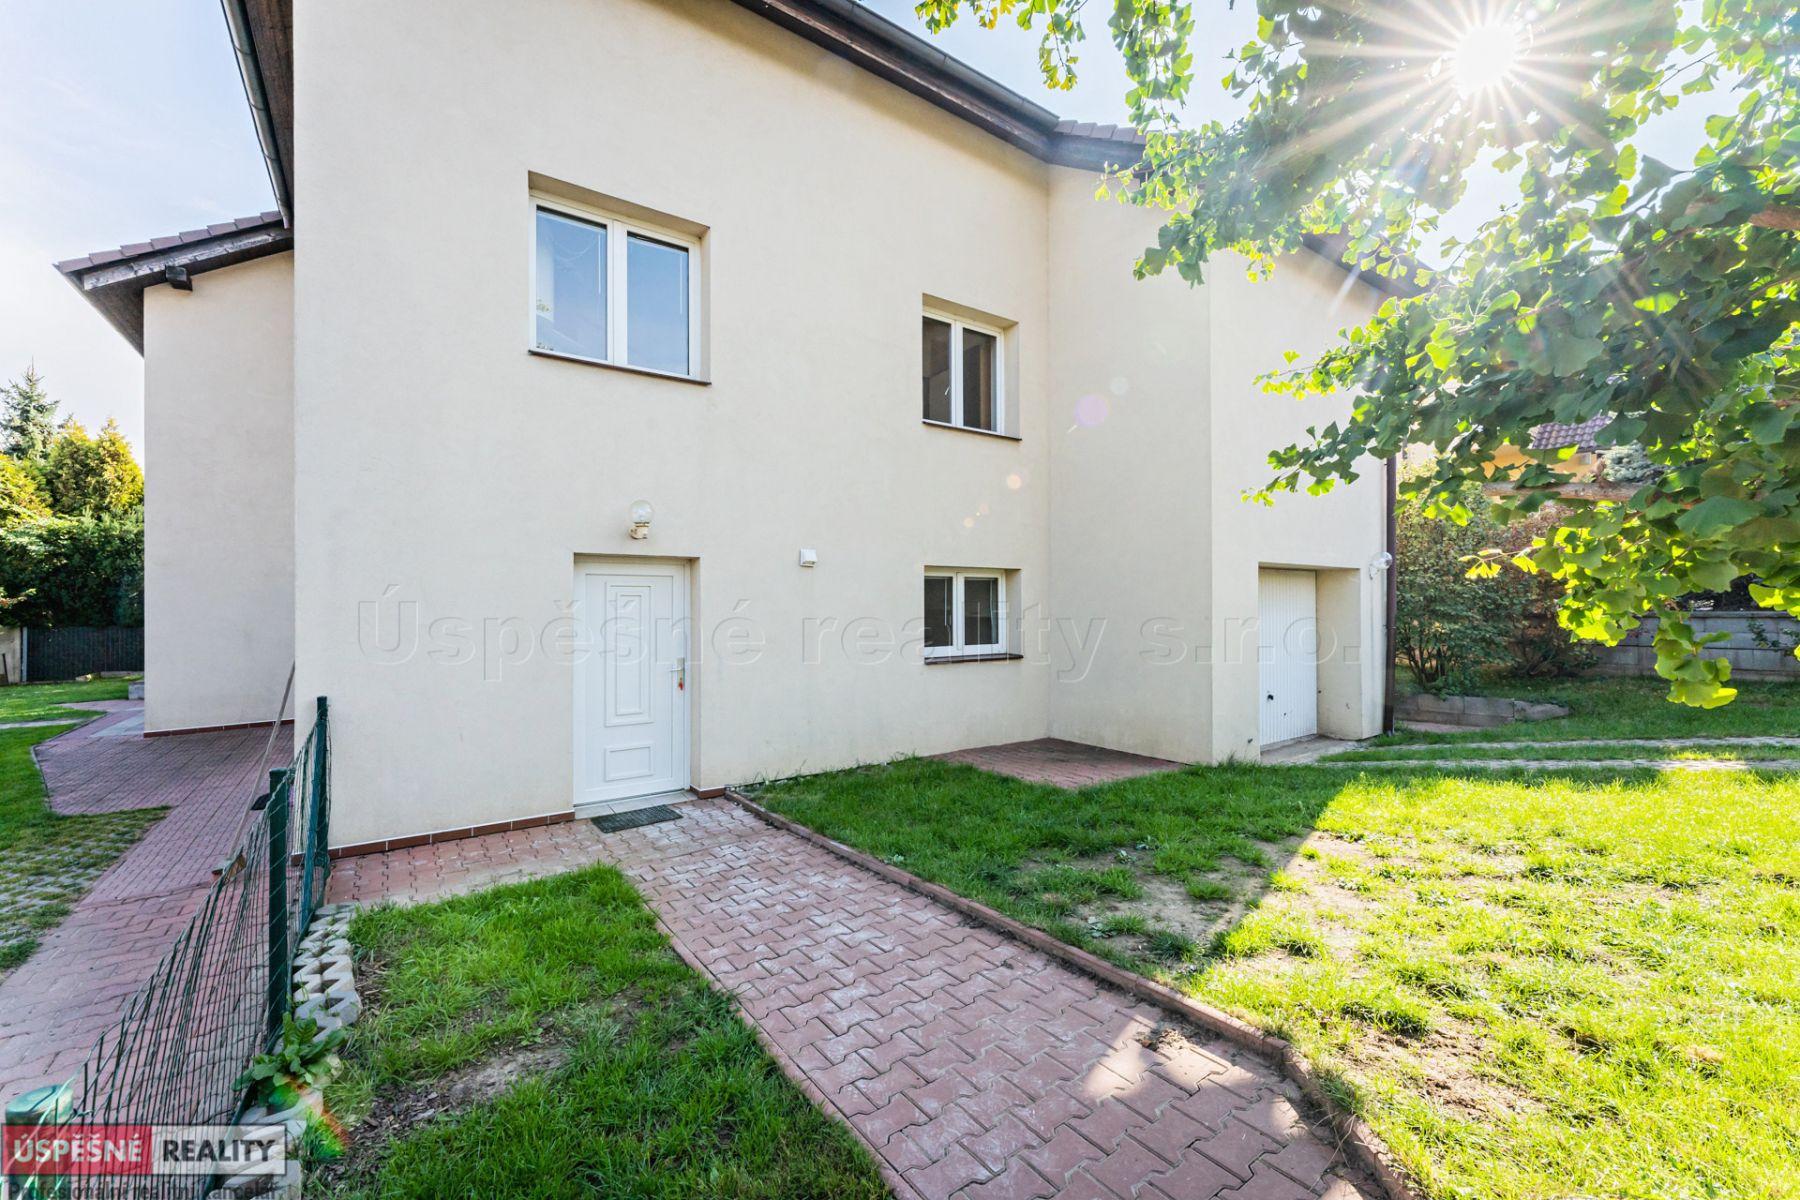 Prodej rodinného domu 9+kk s garáží a zahradou